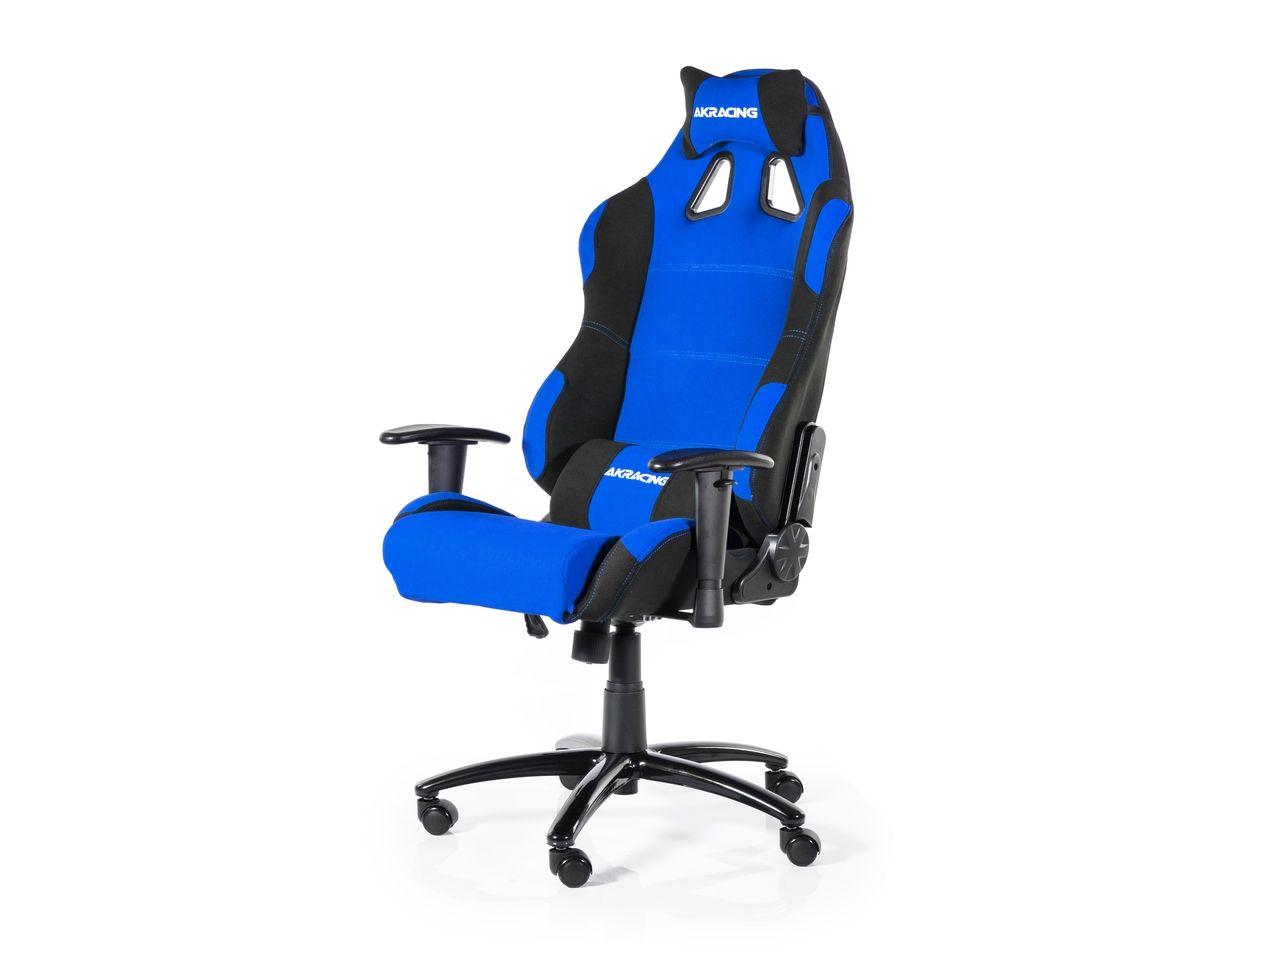 Akracing ak ergonomic series executive racing style computer